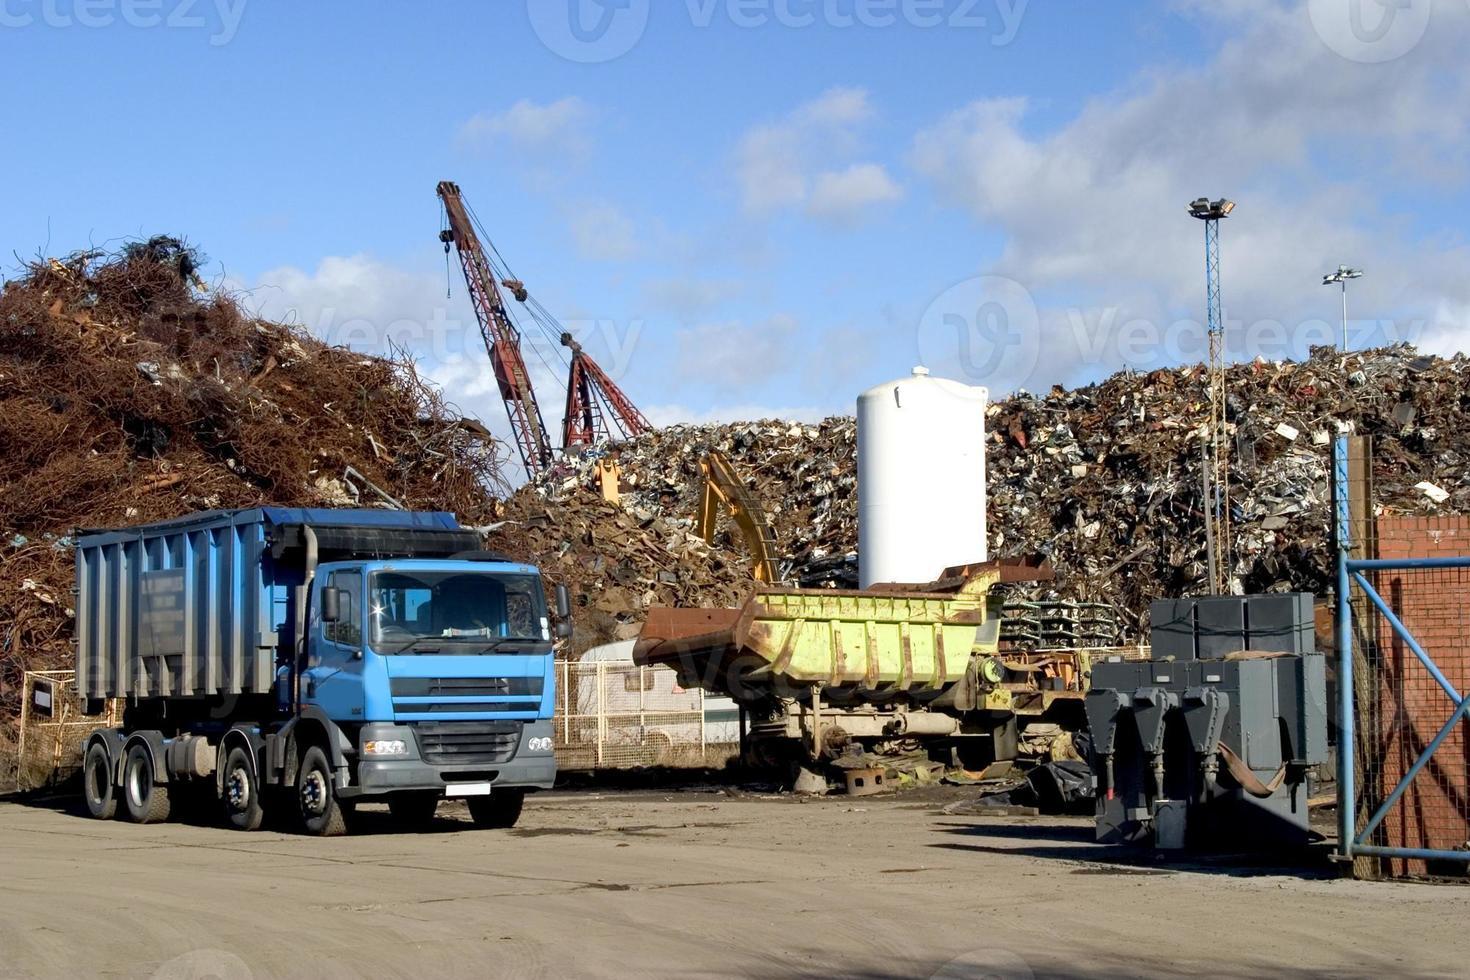 caminhão azul. foto